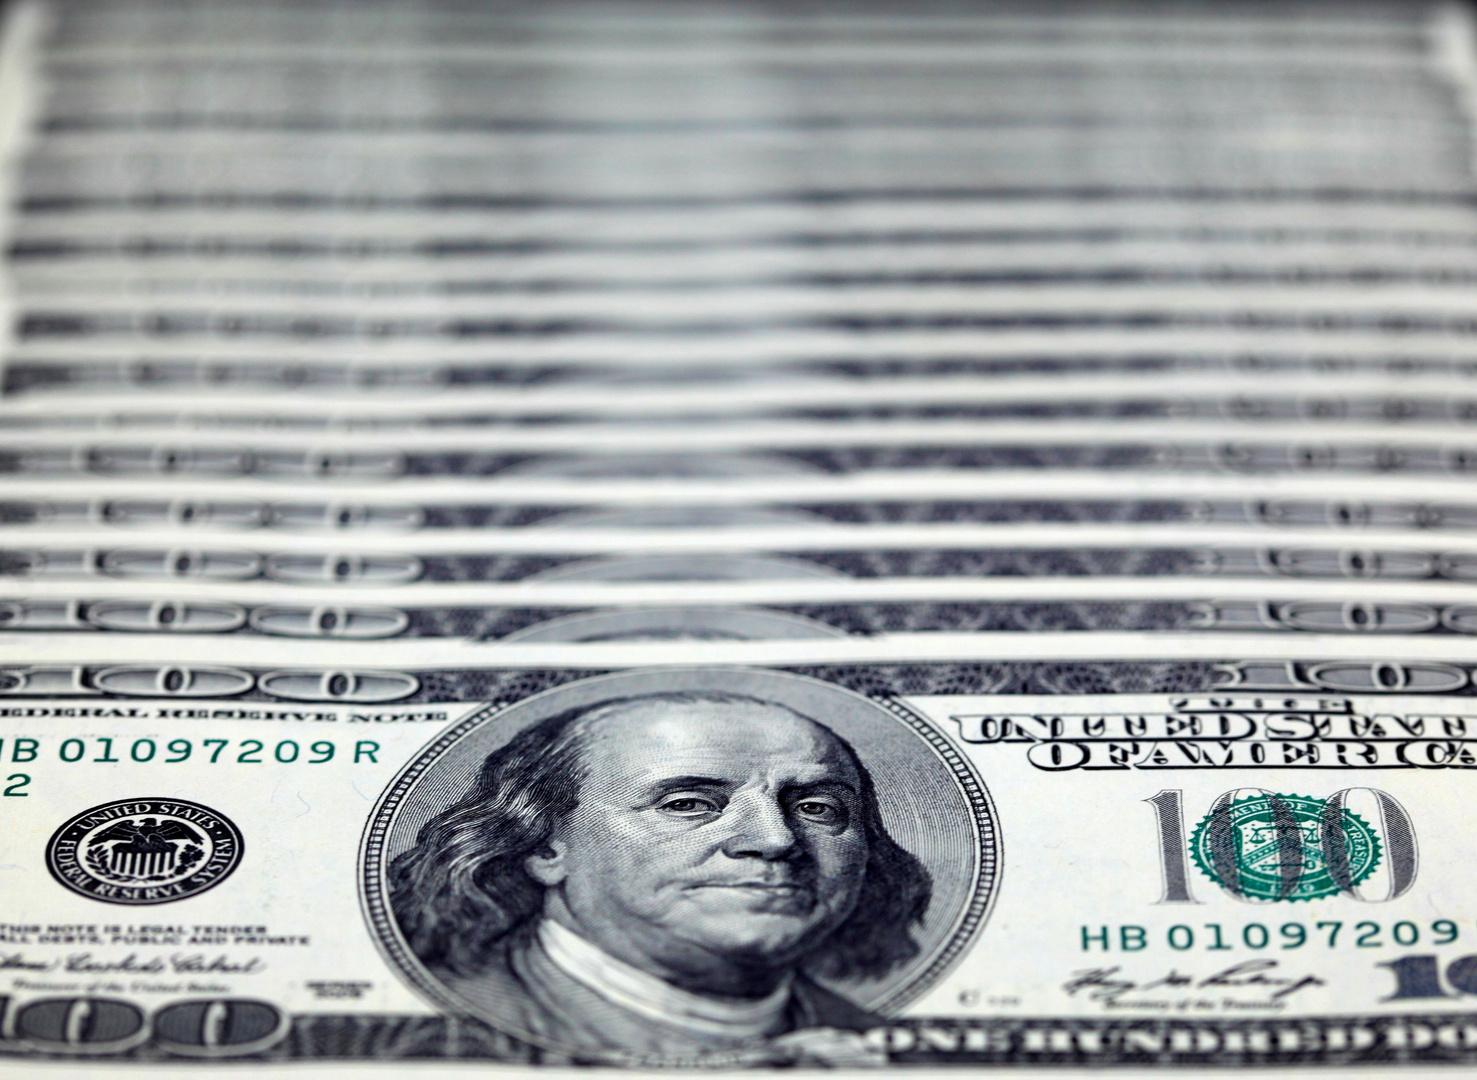 رجل يكسب 2.8 مليون دولار من تداول الأسهم الجانبية